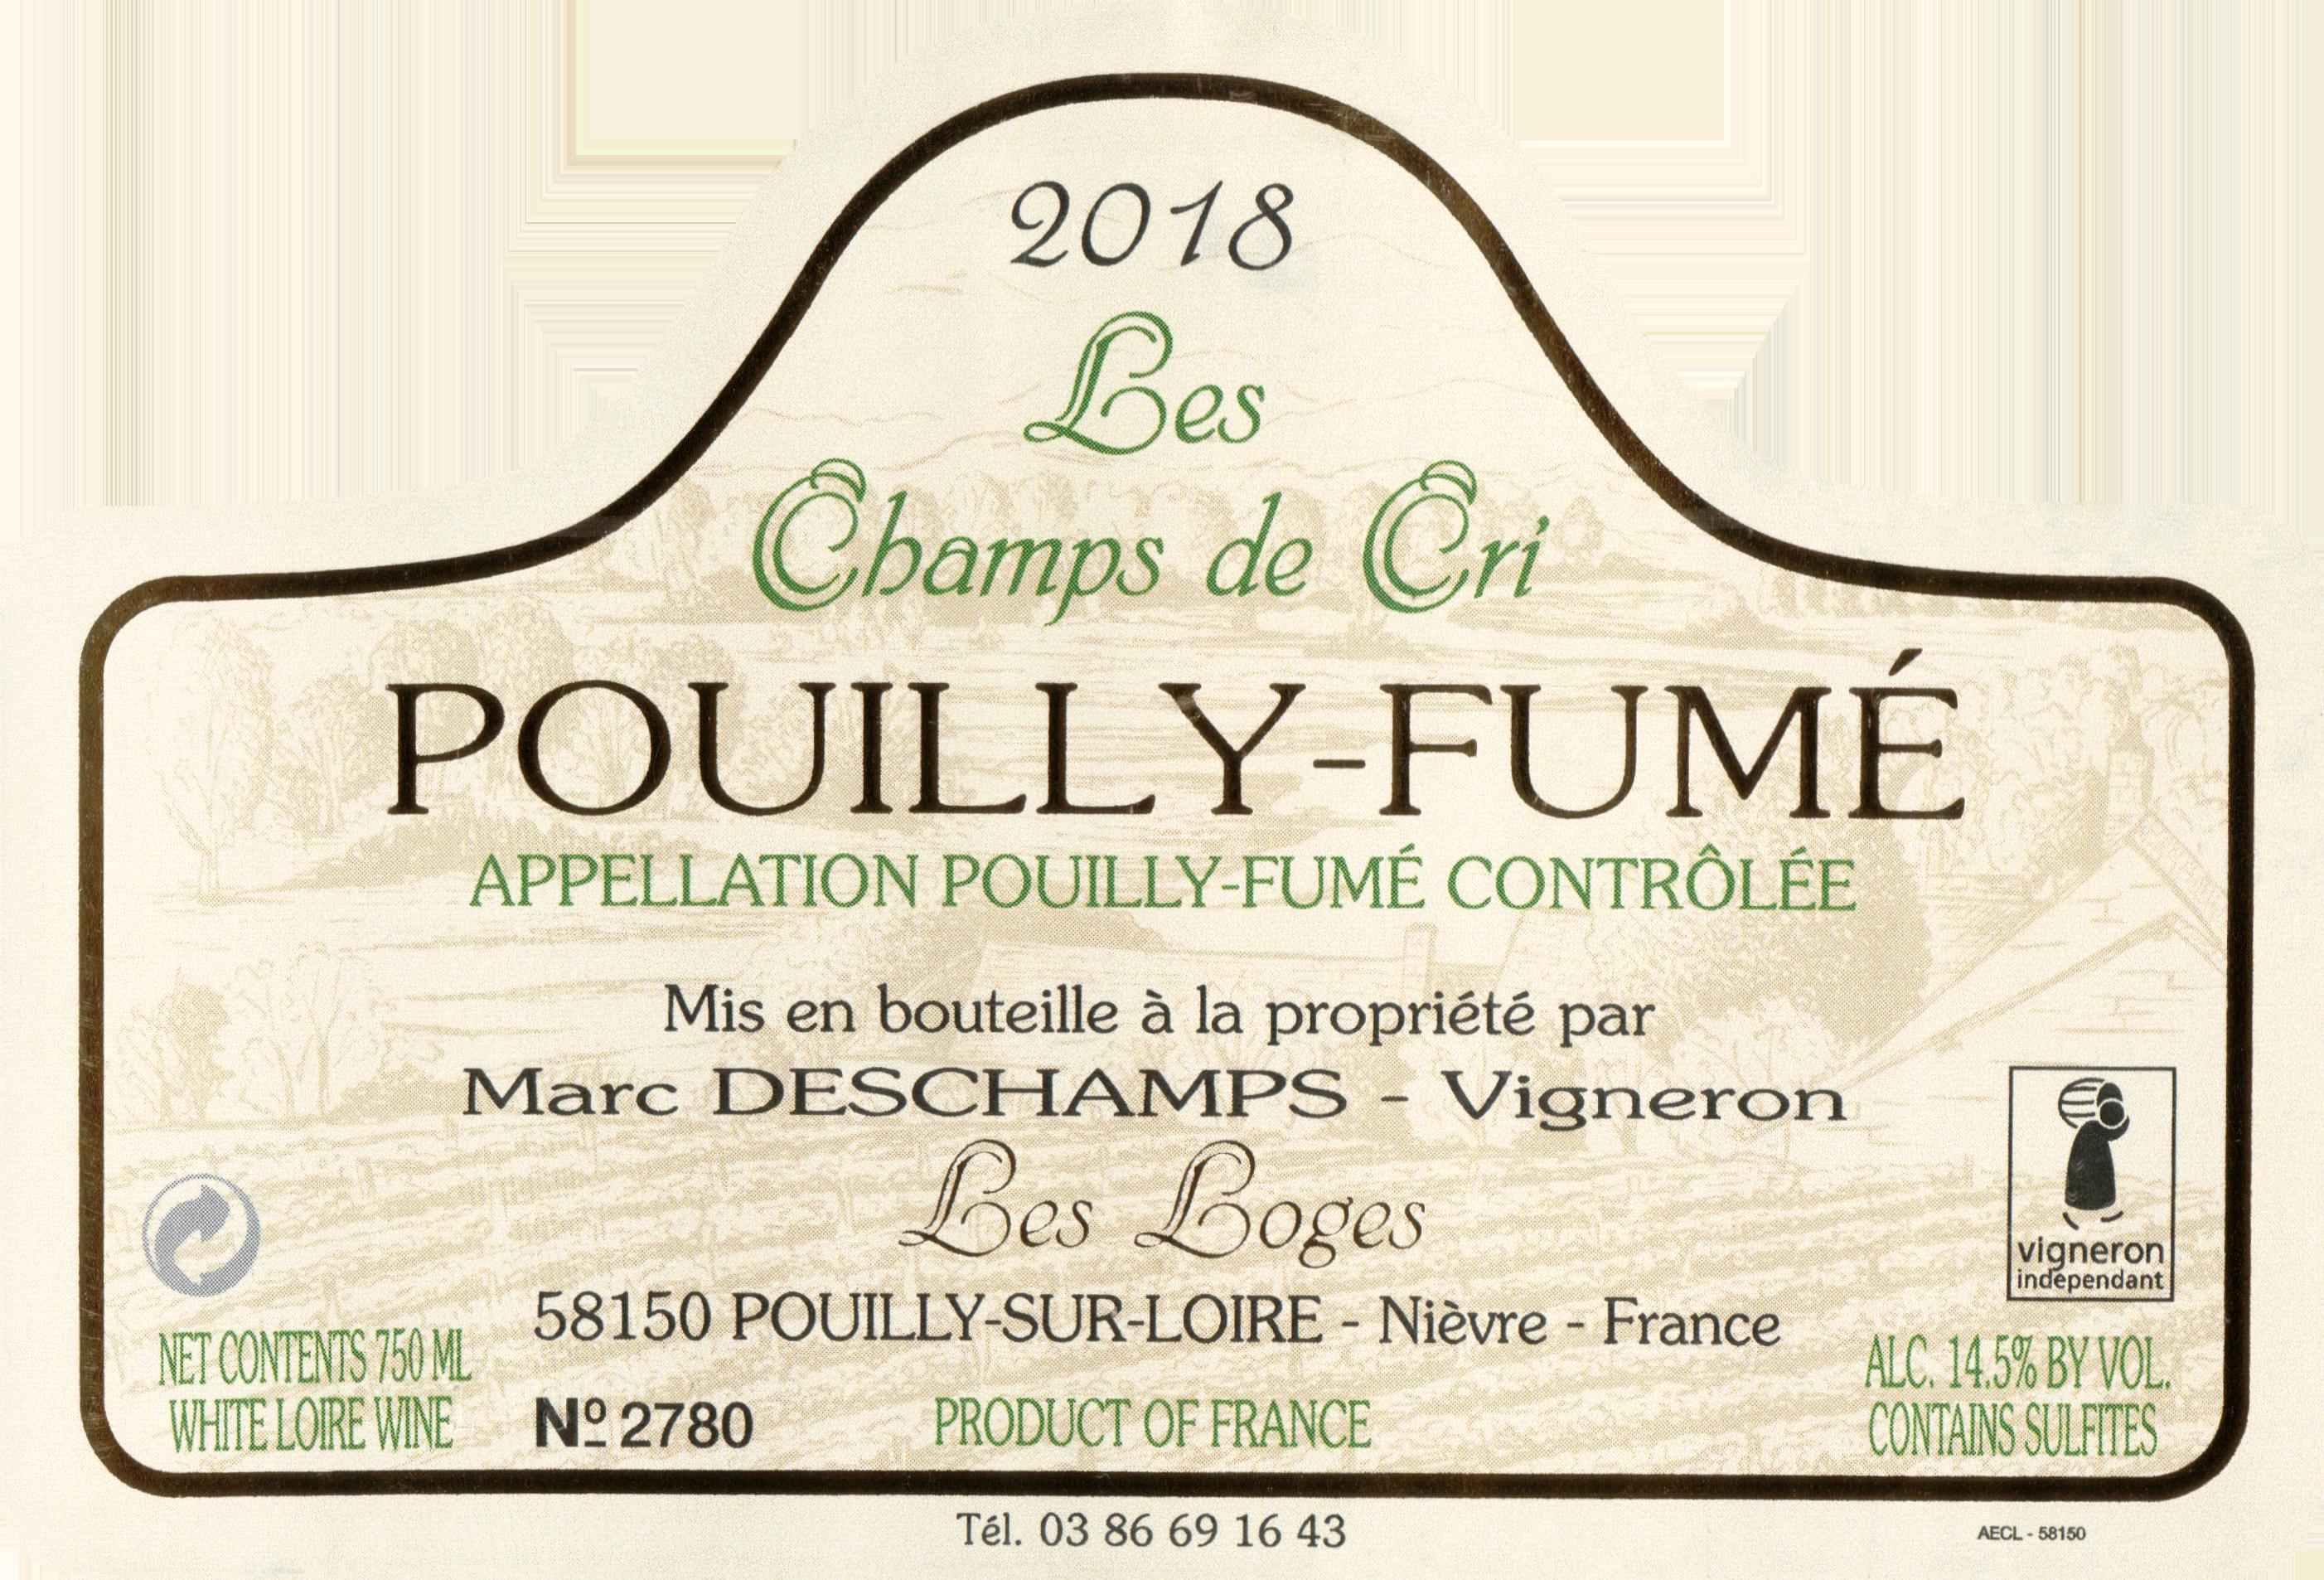 Marc Deschamps Pouilly Fume Les Champs De Cri 2018